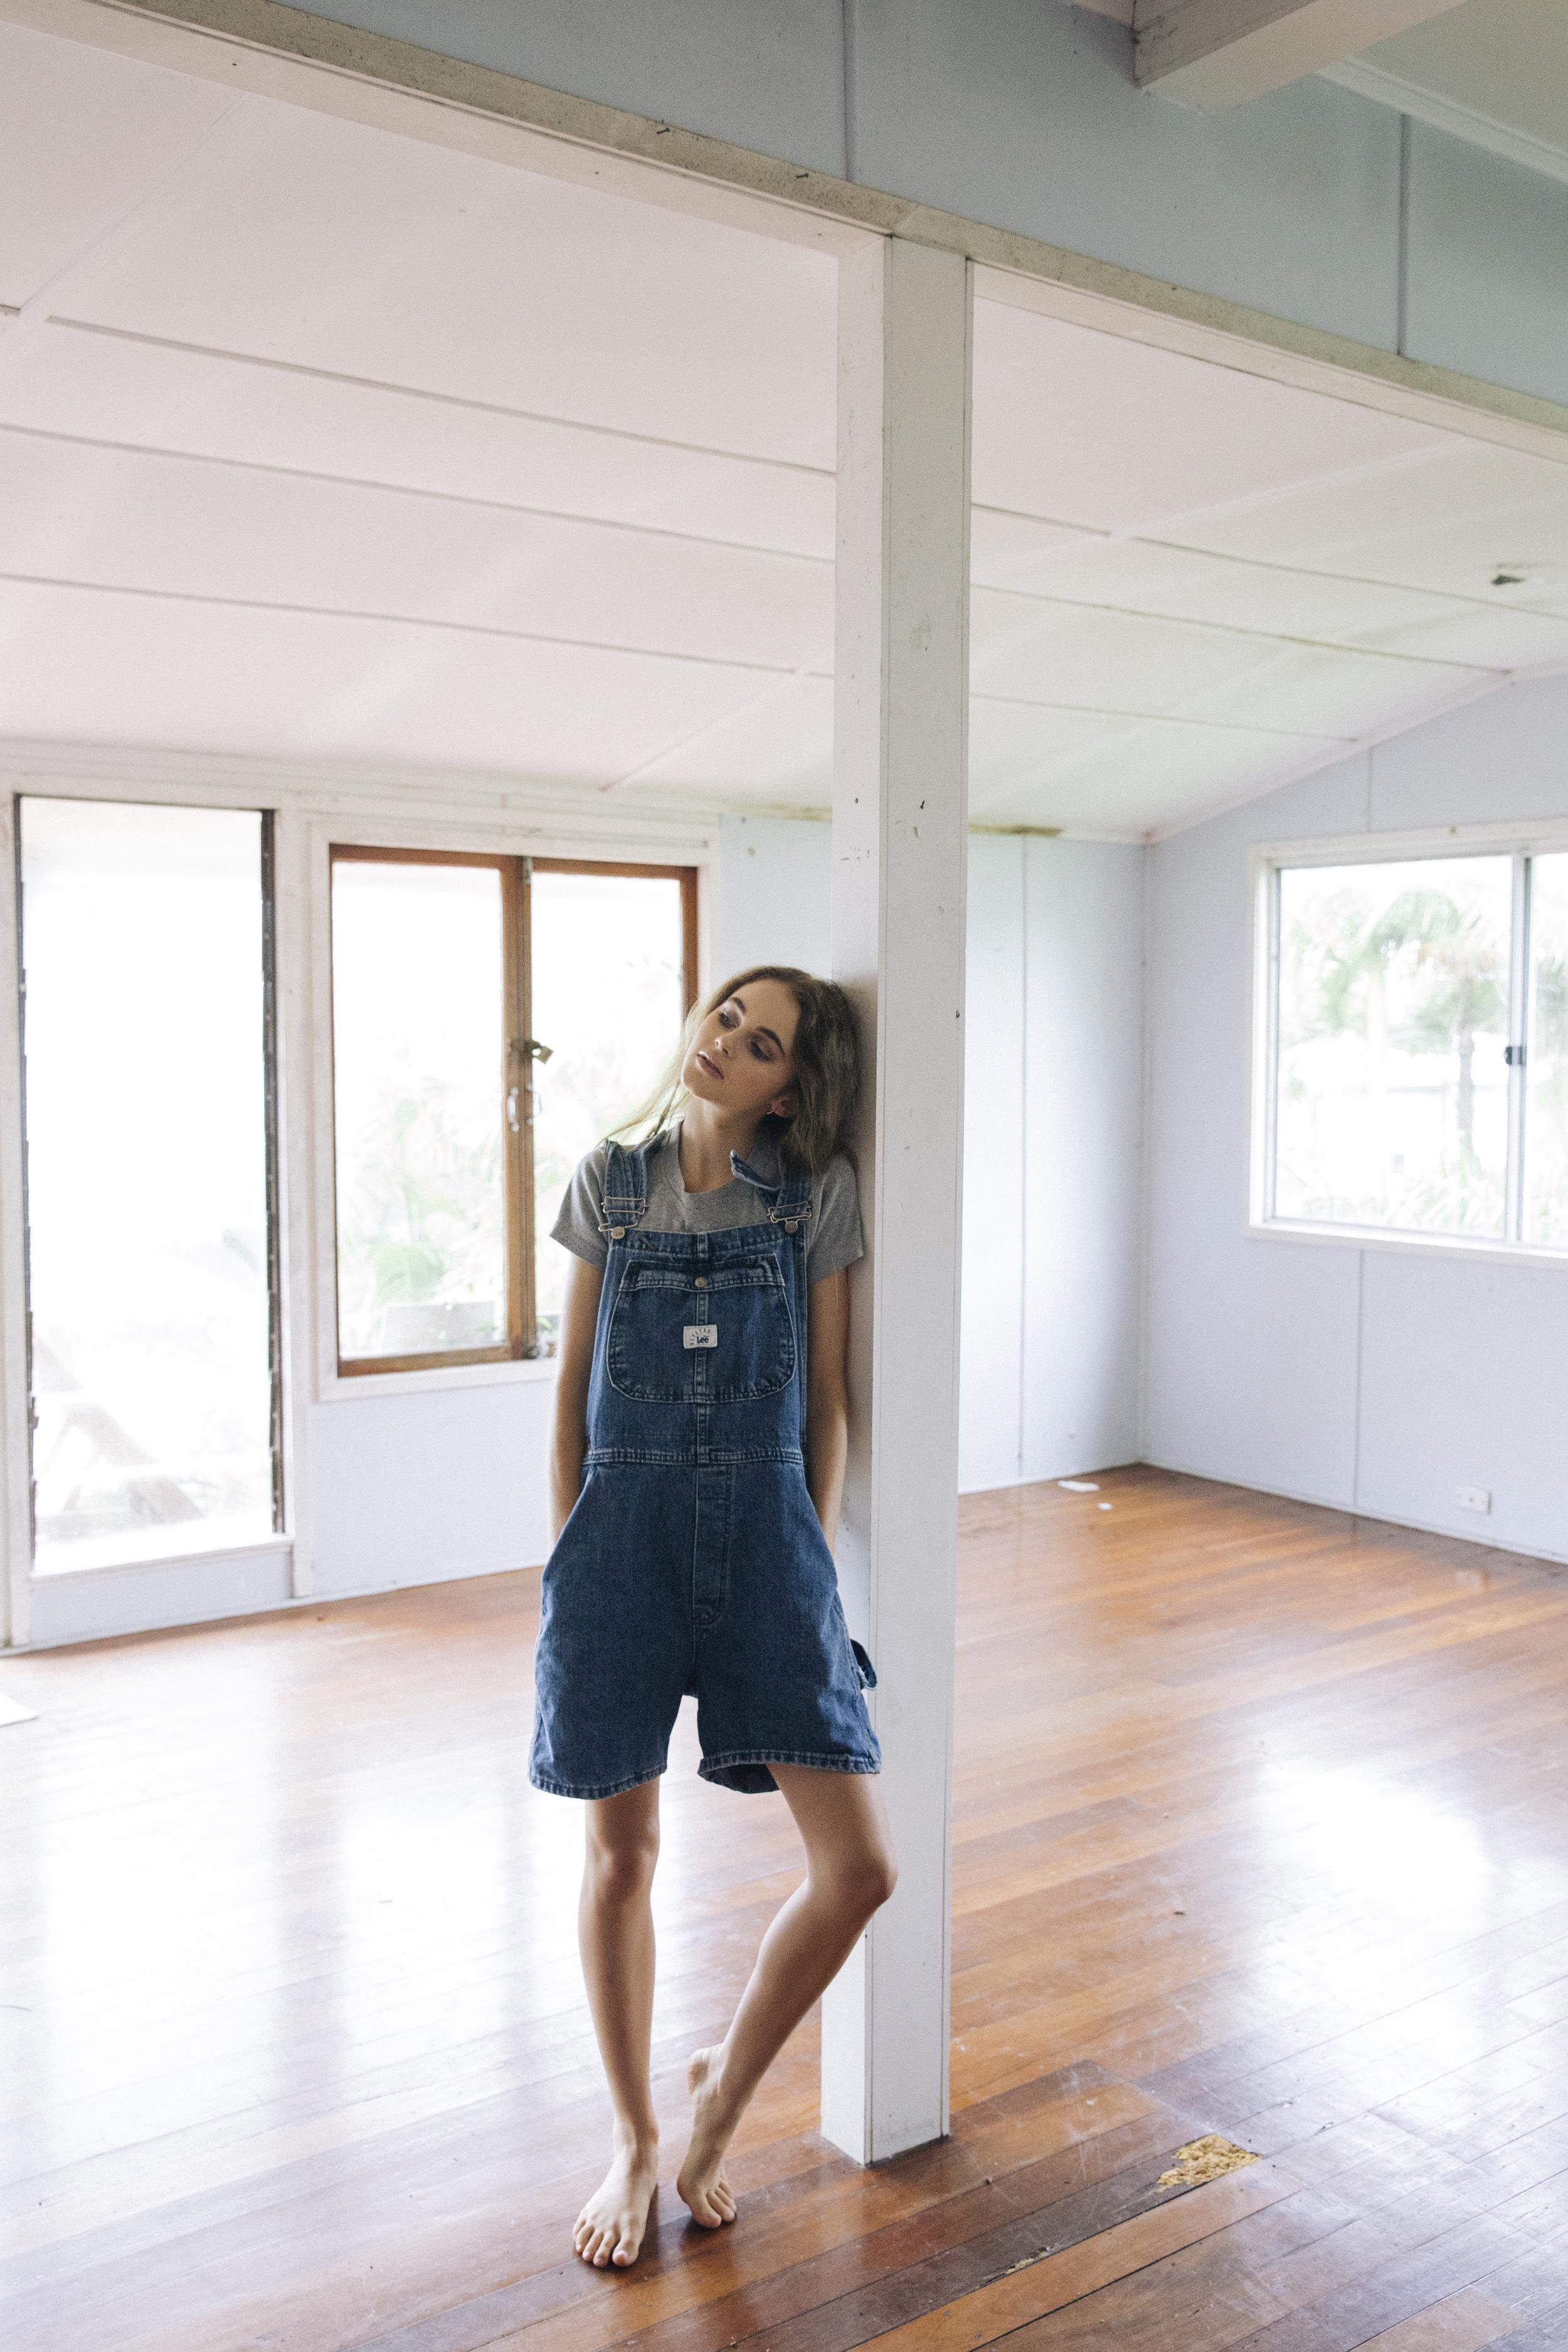 Brooke_AbandonedHouse-104.jpg